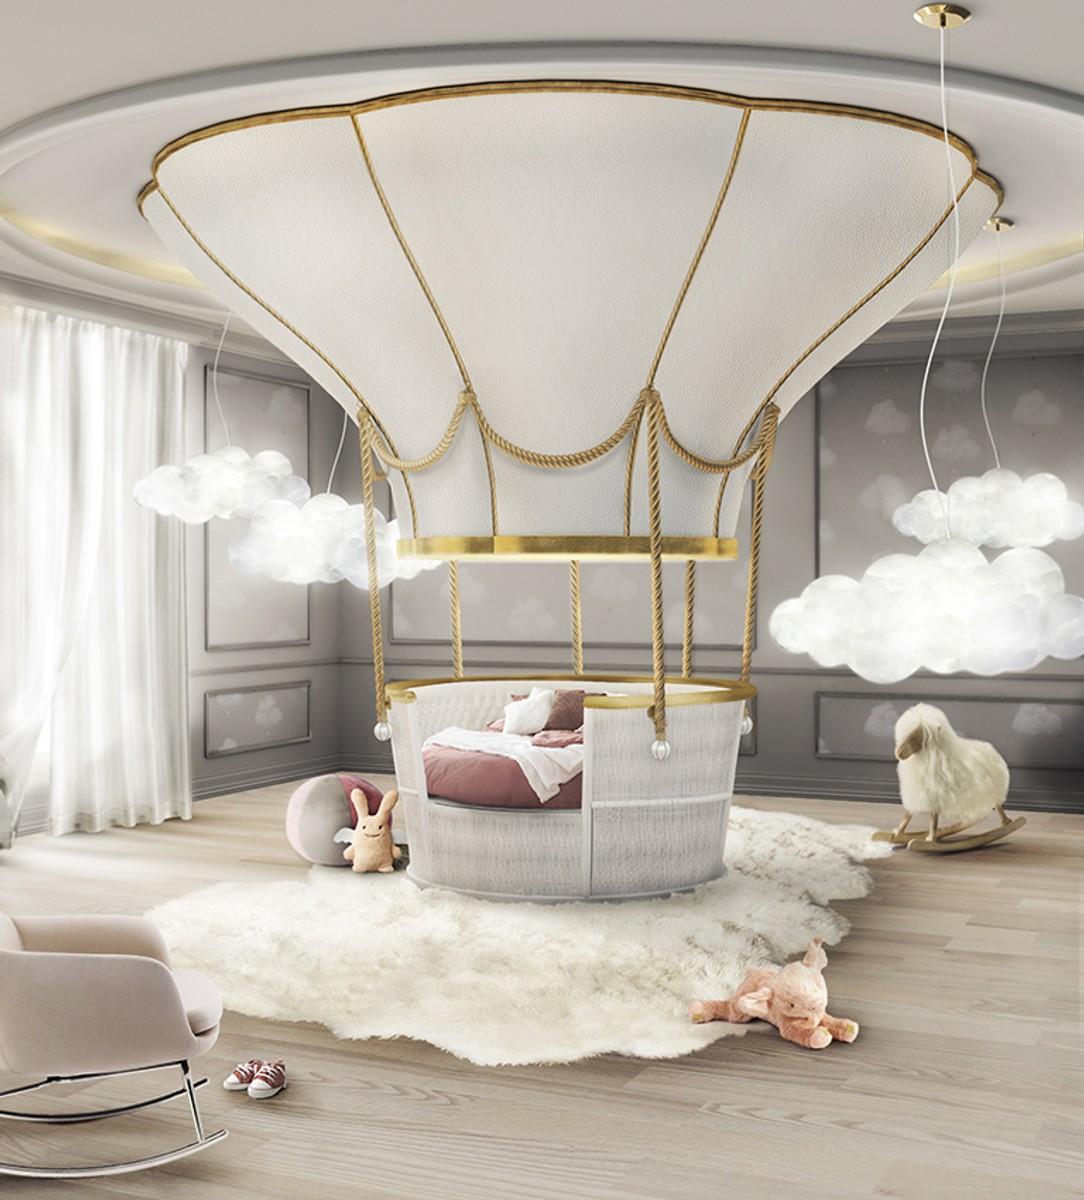 Full Size of Luxus Bett Sofa Fantasy Air Ballon Circu Japanische Betten Aus Paletten Kaufen 180x200 Weiß Wickelbrett Für Tojo V Jabo Rückwand Mit Matratze Und Lattenrost Bett Luxus Bett